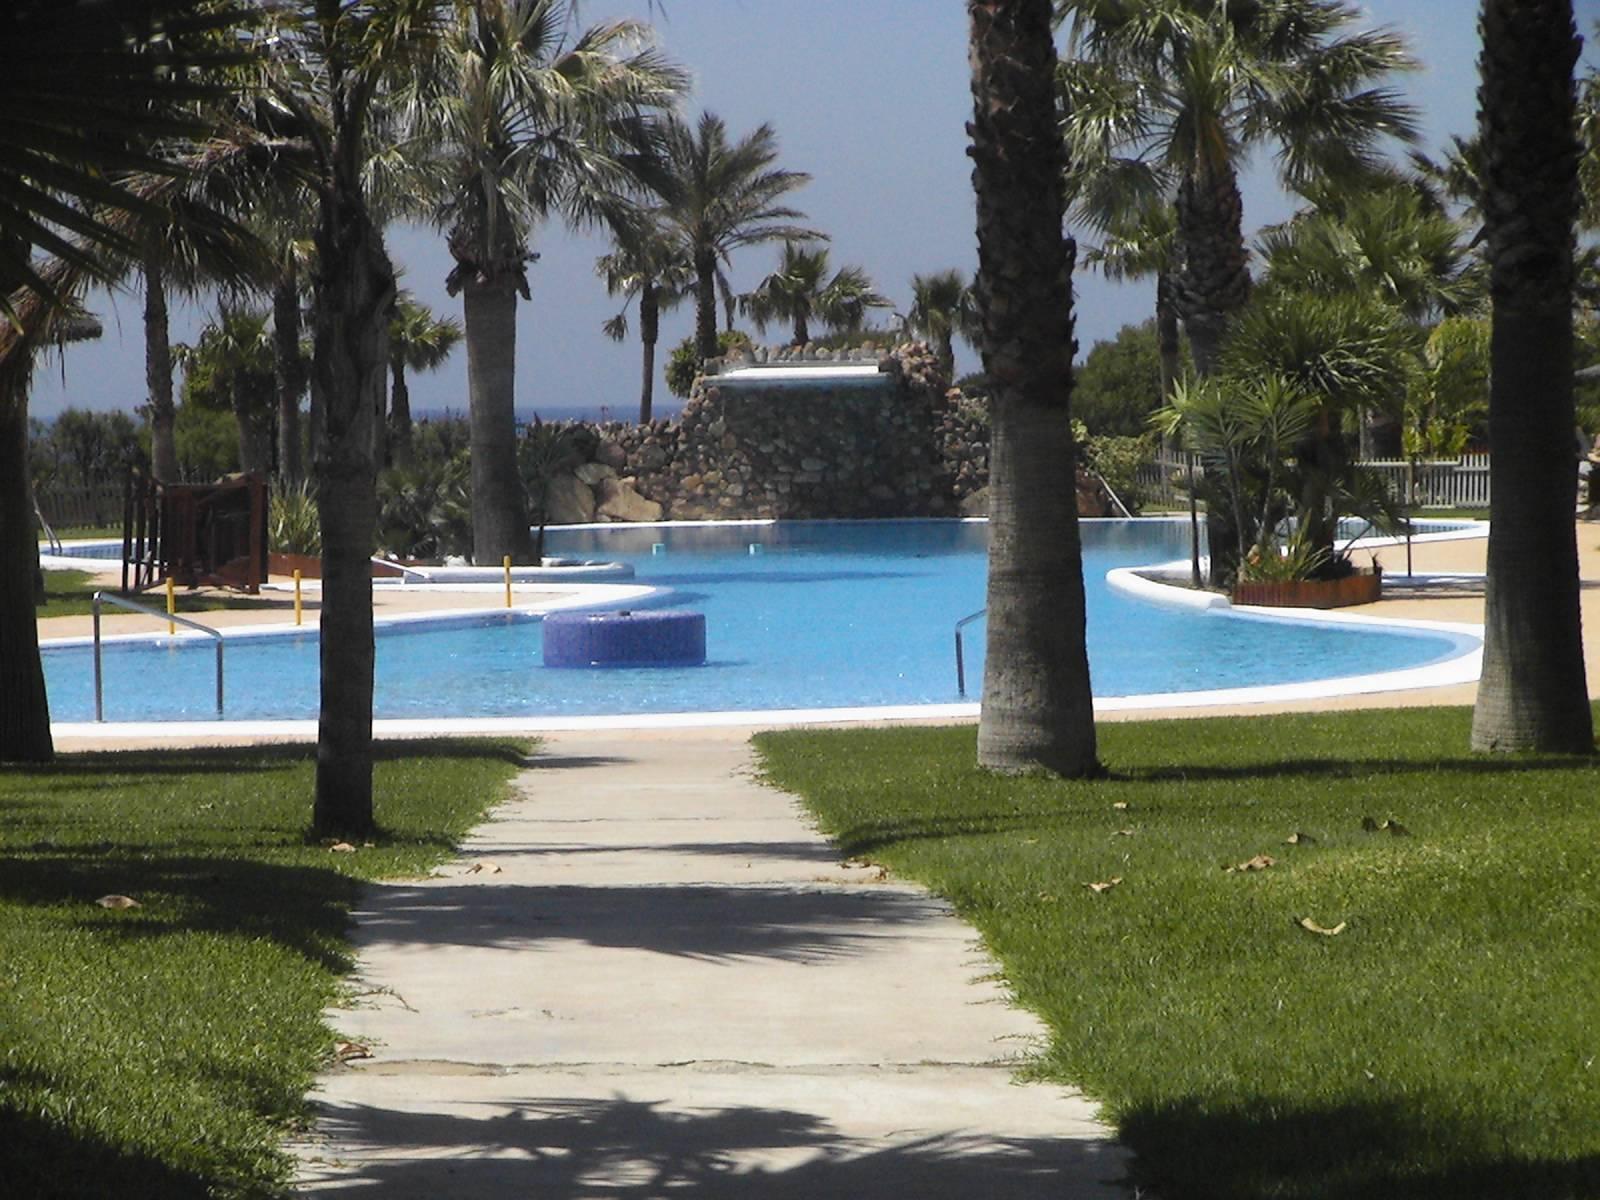 Alquiler casa vacaciones en zahara de los atunes urbanizaci n jardines de zahara - Jardines de zahara ...